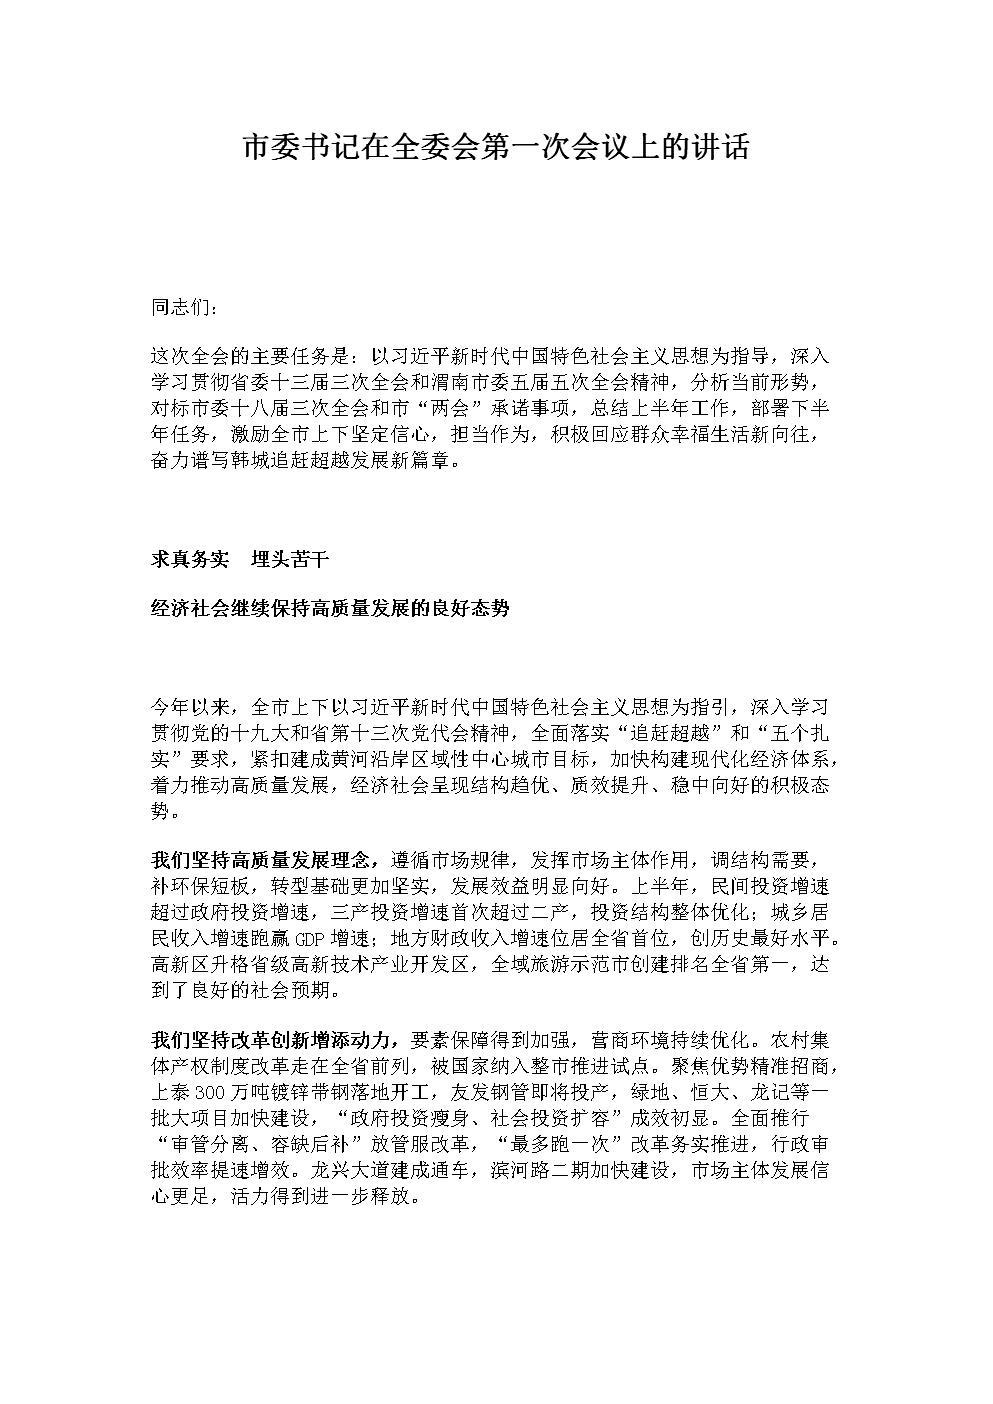 恒大国八条具体内容_农村集体产权制度改革走在全省前列,被国家纳入整市推进试点.